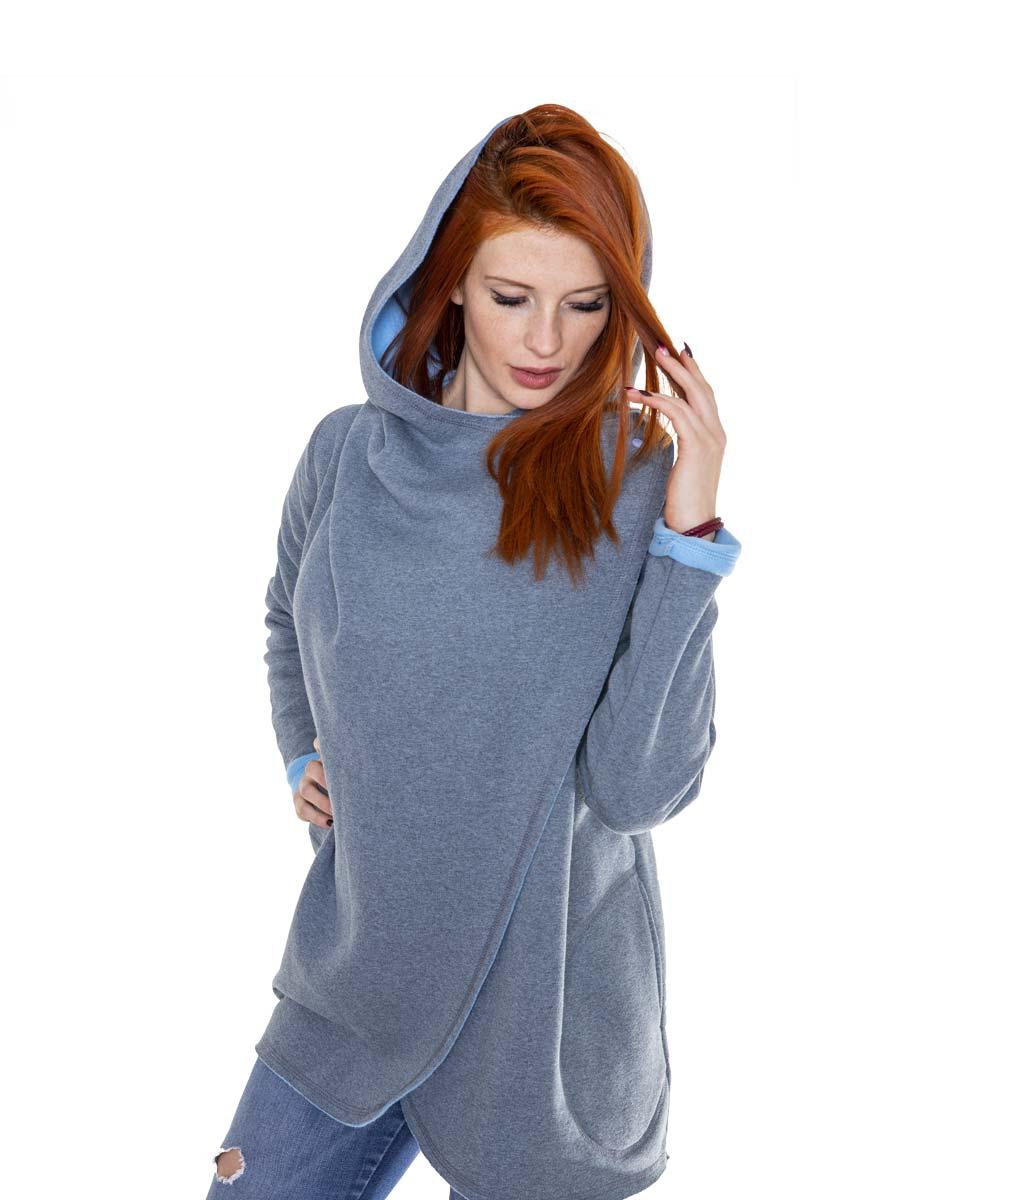 szaro-niebieski płaszcz - przód